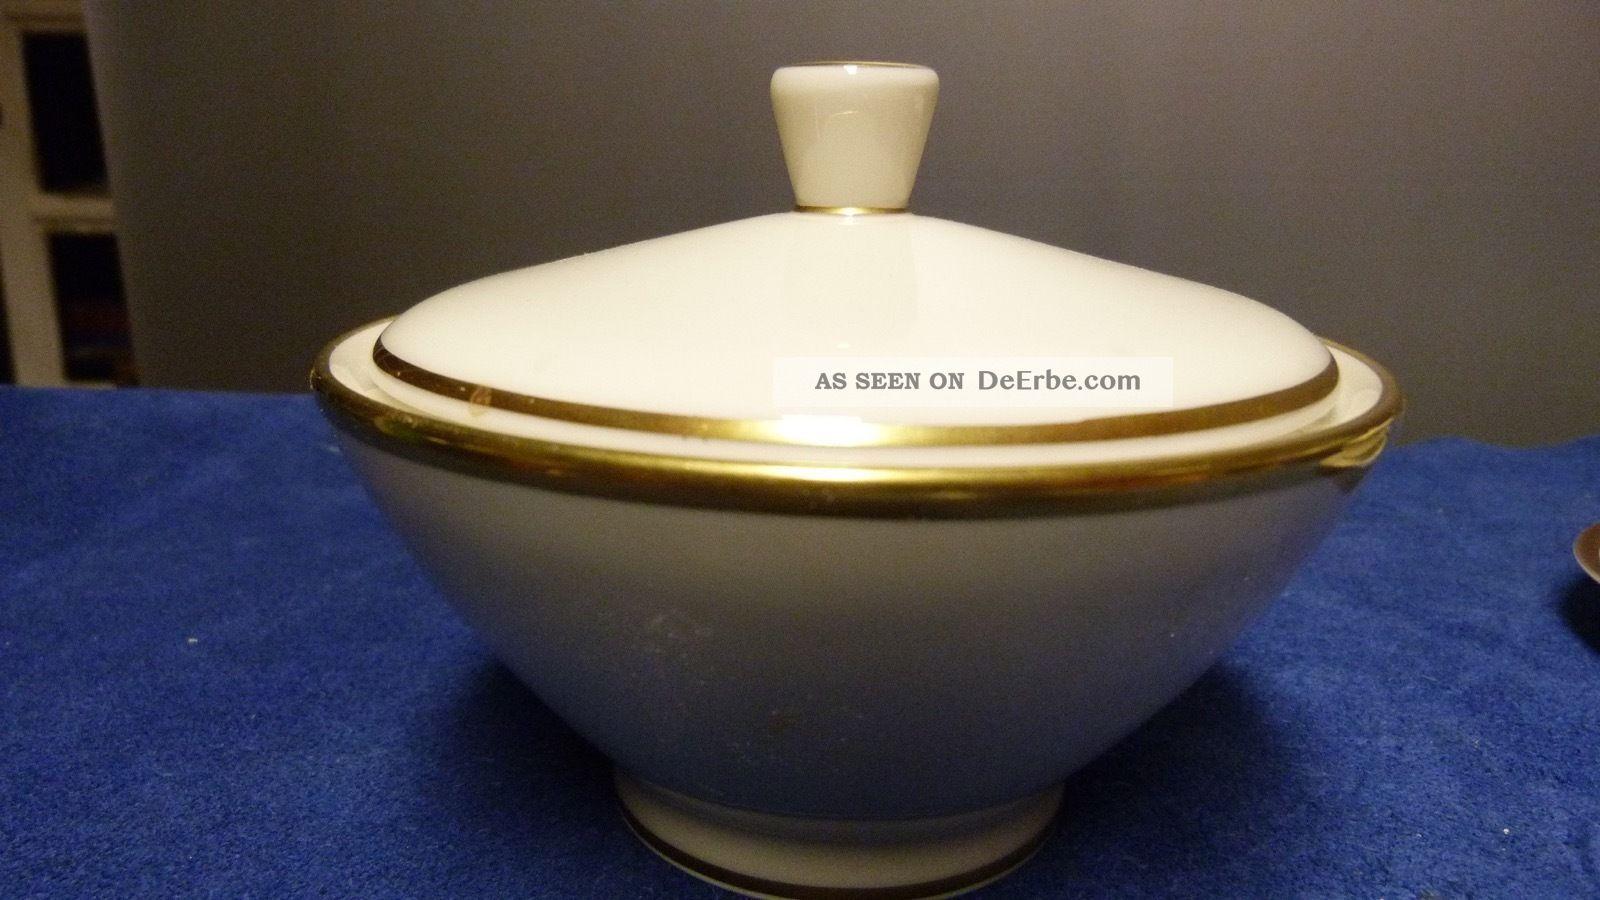 Rosenthal Bettina 50er Jahre Porzellan - Dose Bonboniere - Elfenbein/gold Nach Marke & Herkunft Bild